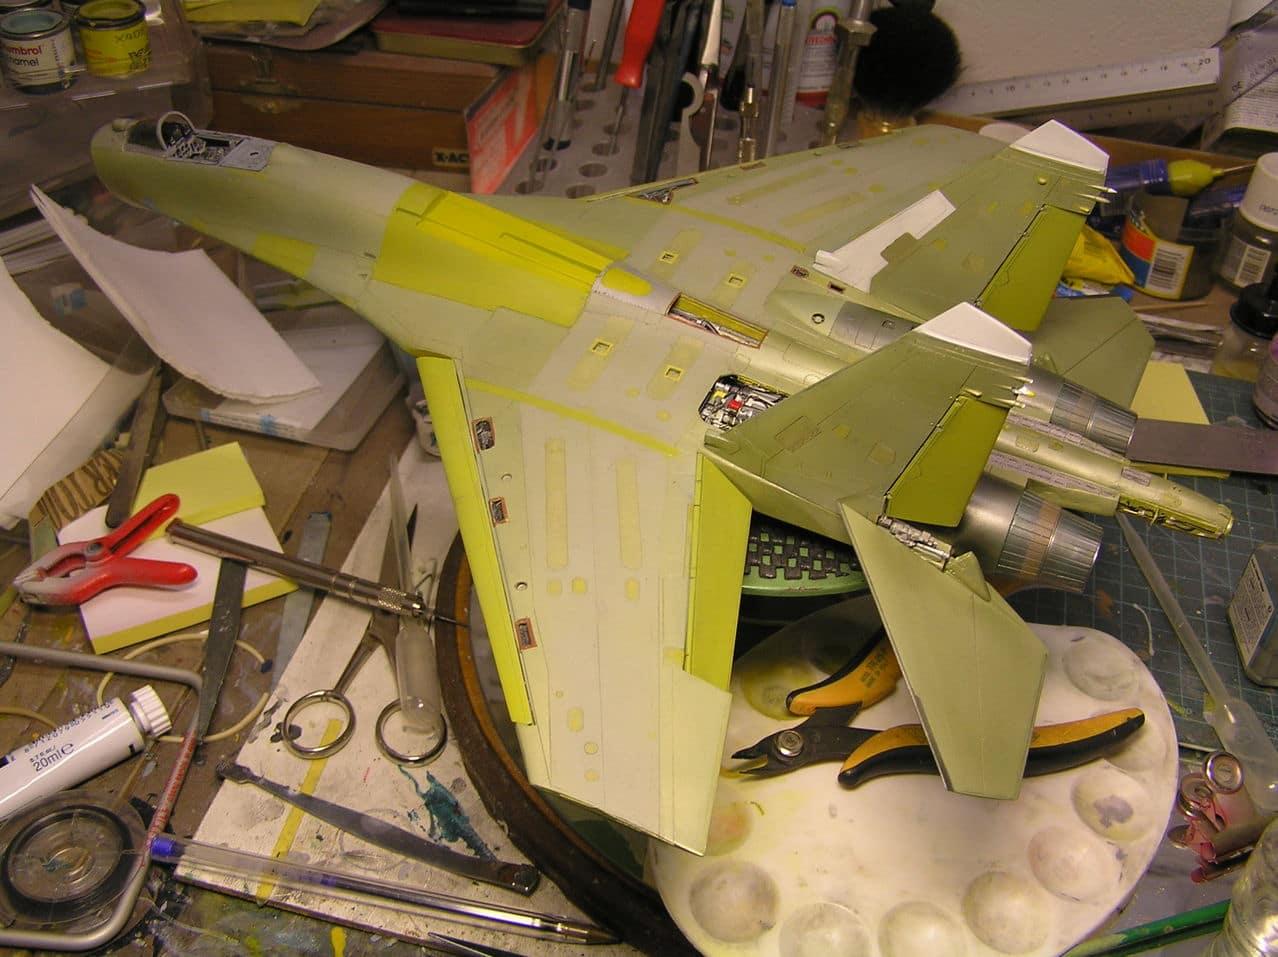 ...καπως ετσι αρχισαν ολα...Su-27  και τα μυαλα στα καγκελα... - Σελίδα 4 P1010191